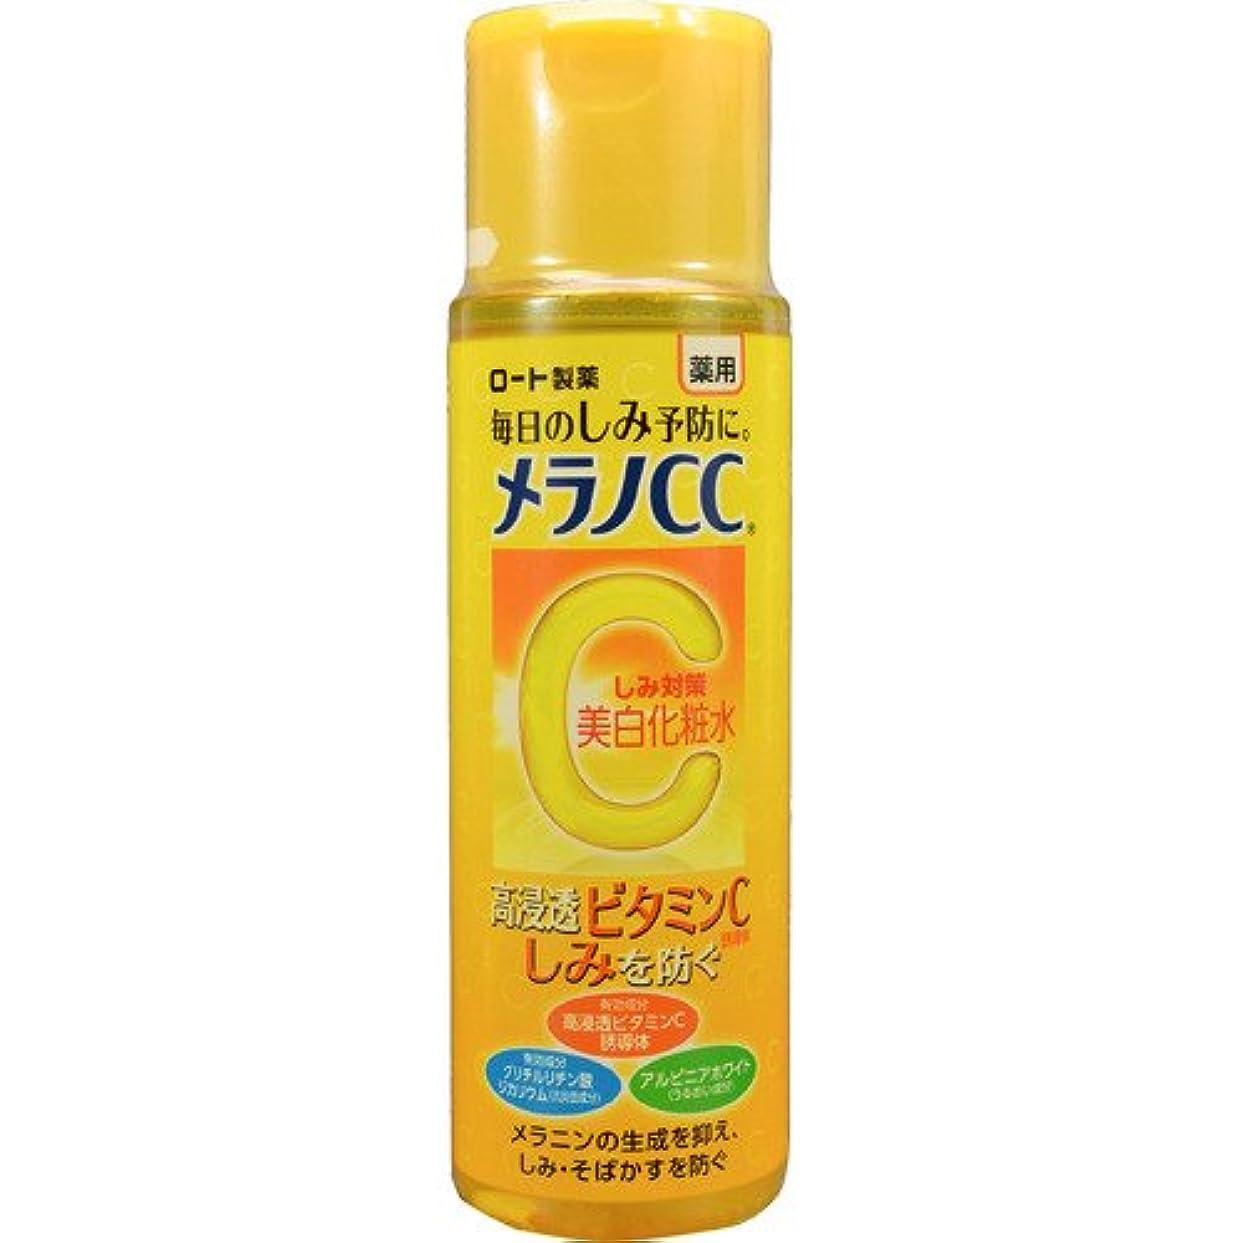 紛争マトン吸収剤【セット品】メラノCC 薬用しみ対策 美白化粧水 170mL (医薬部外品) ×10個